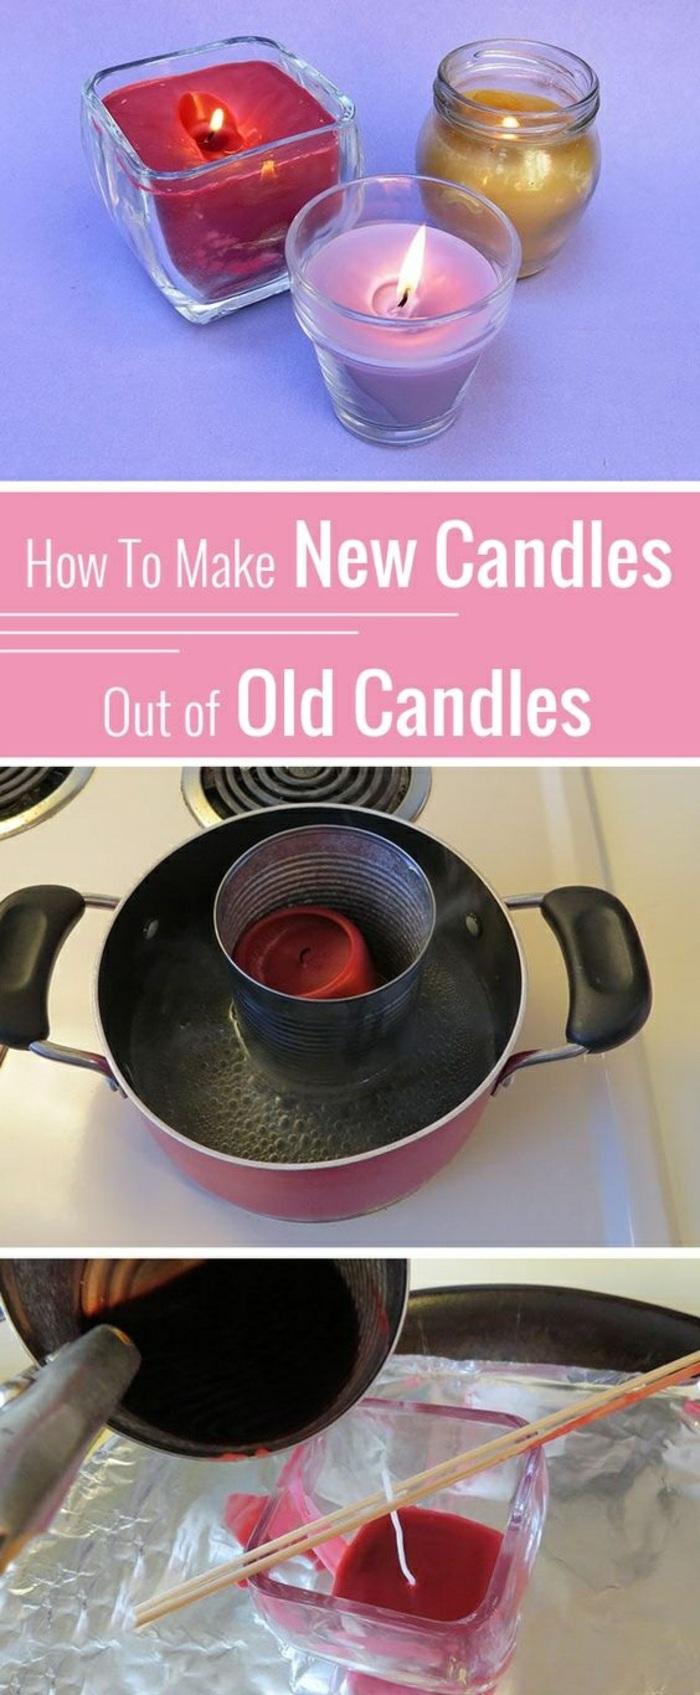 étapes à suivre pour faire une bougie avec restes de bougies, creation bougie facile avec cire bougie au bain marie